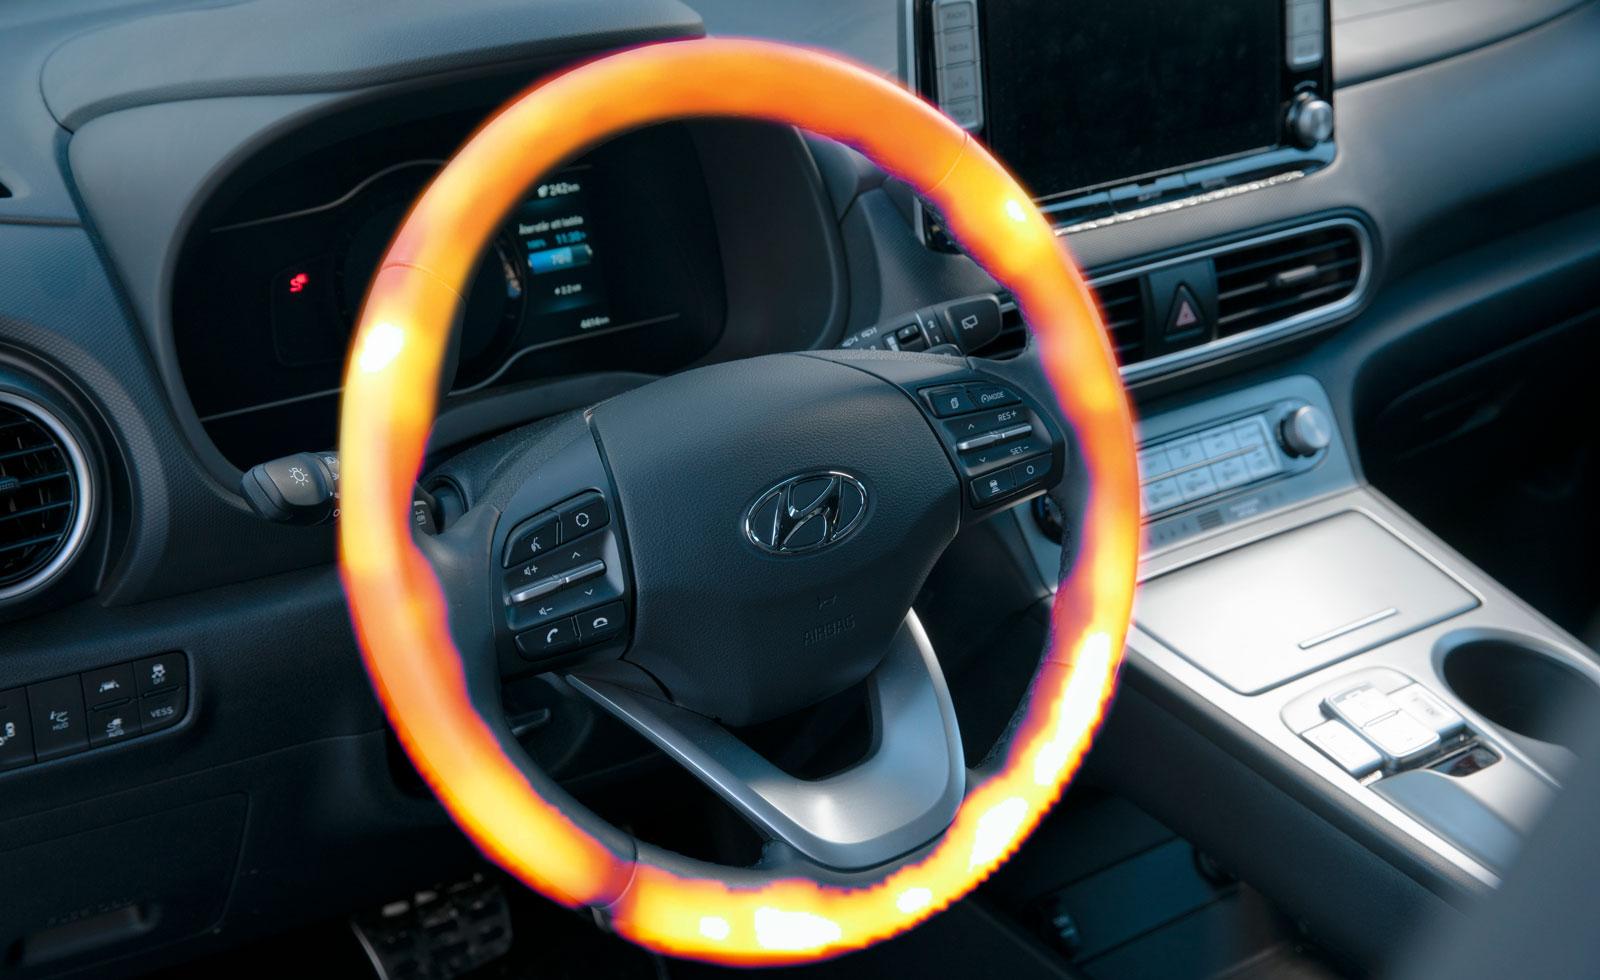 Hyundai tog det lite lugnare och blev inte fullt så varm.